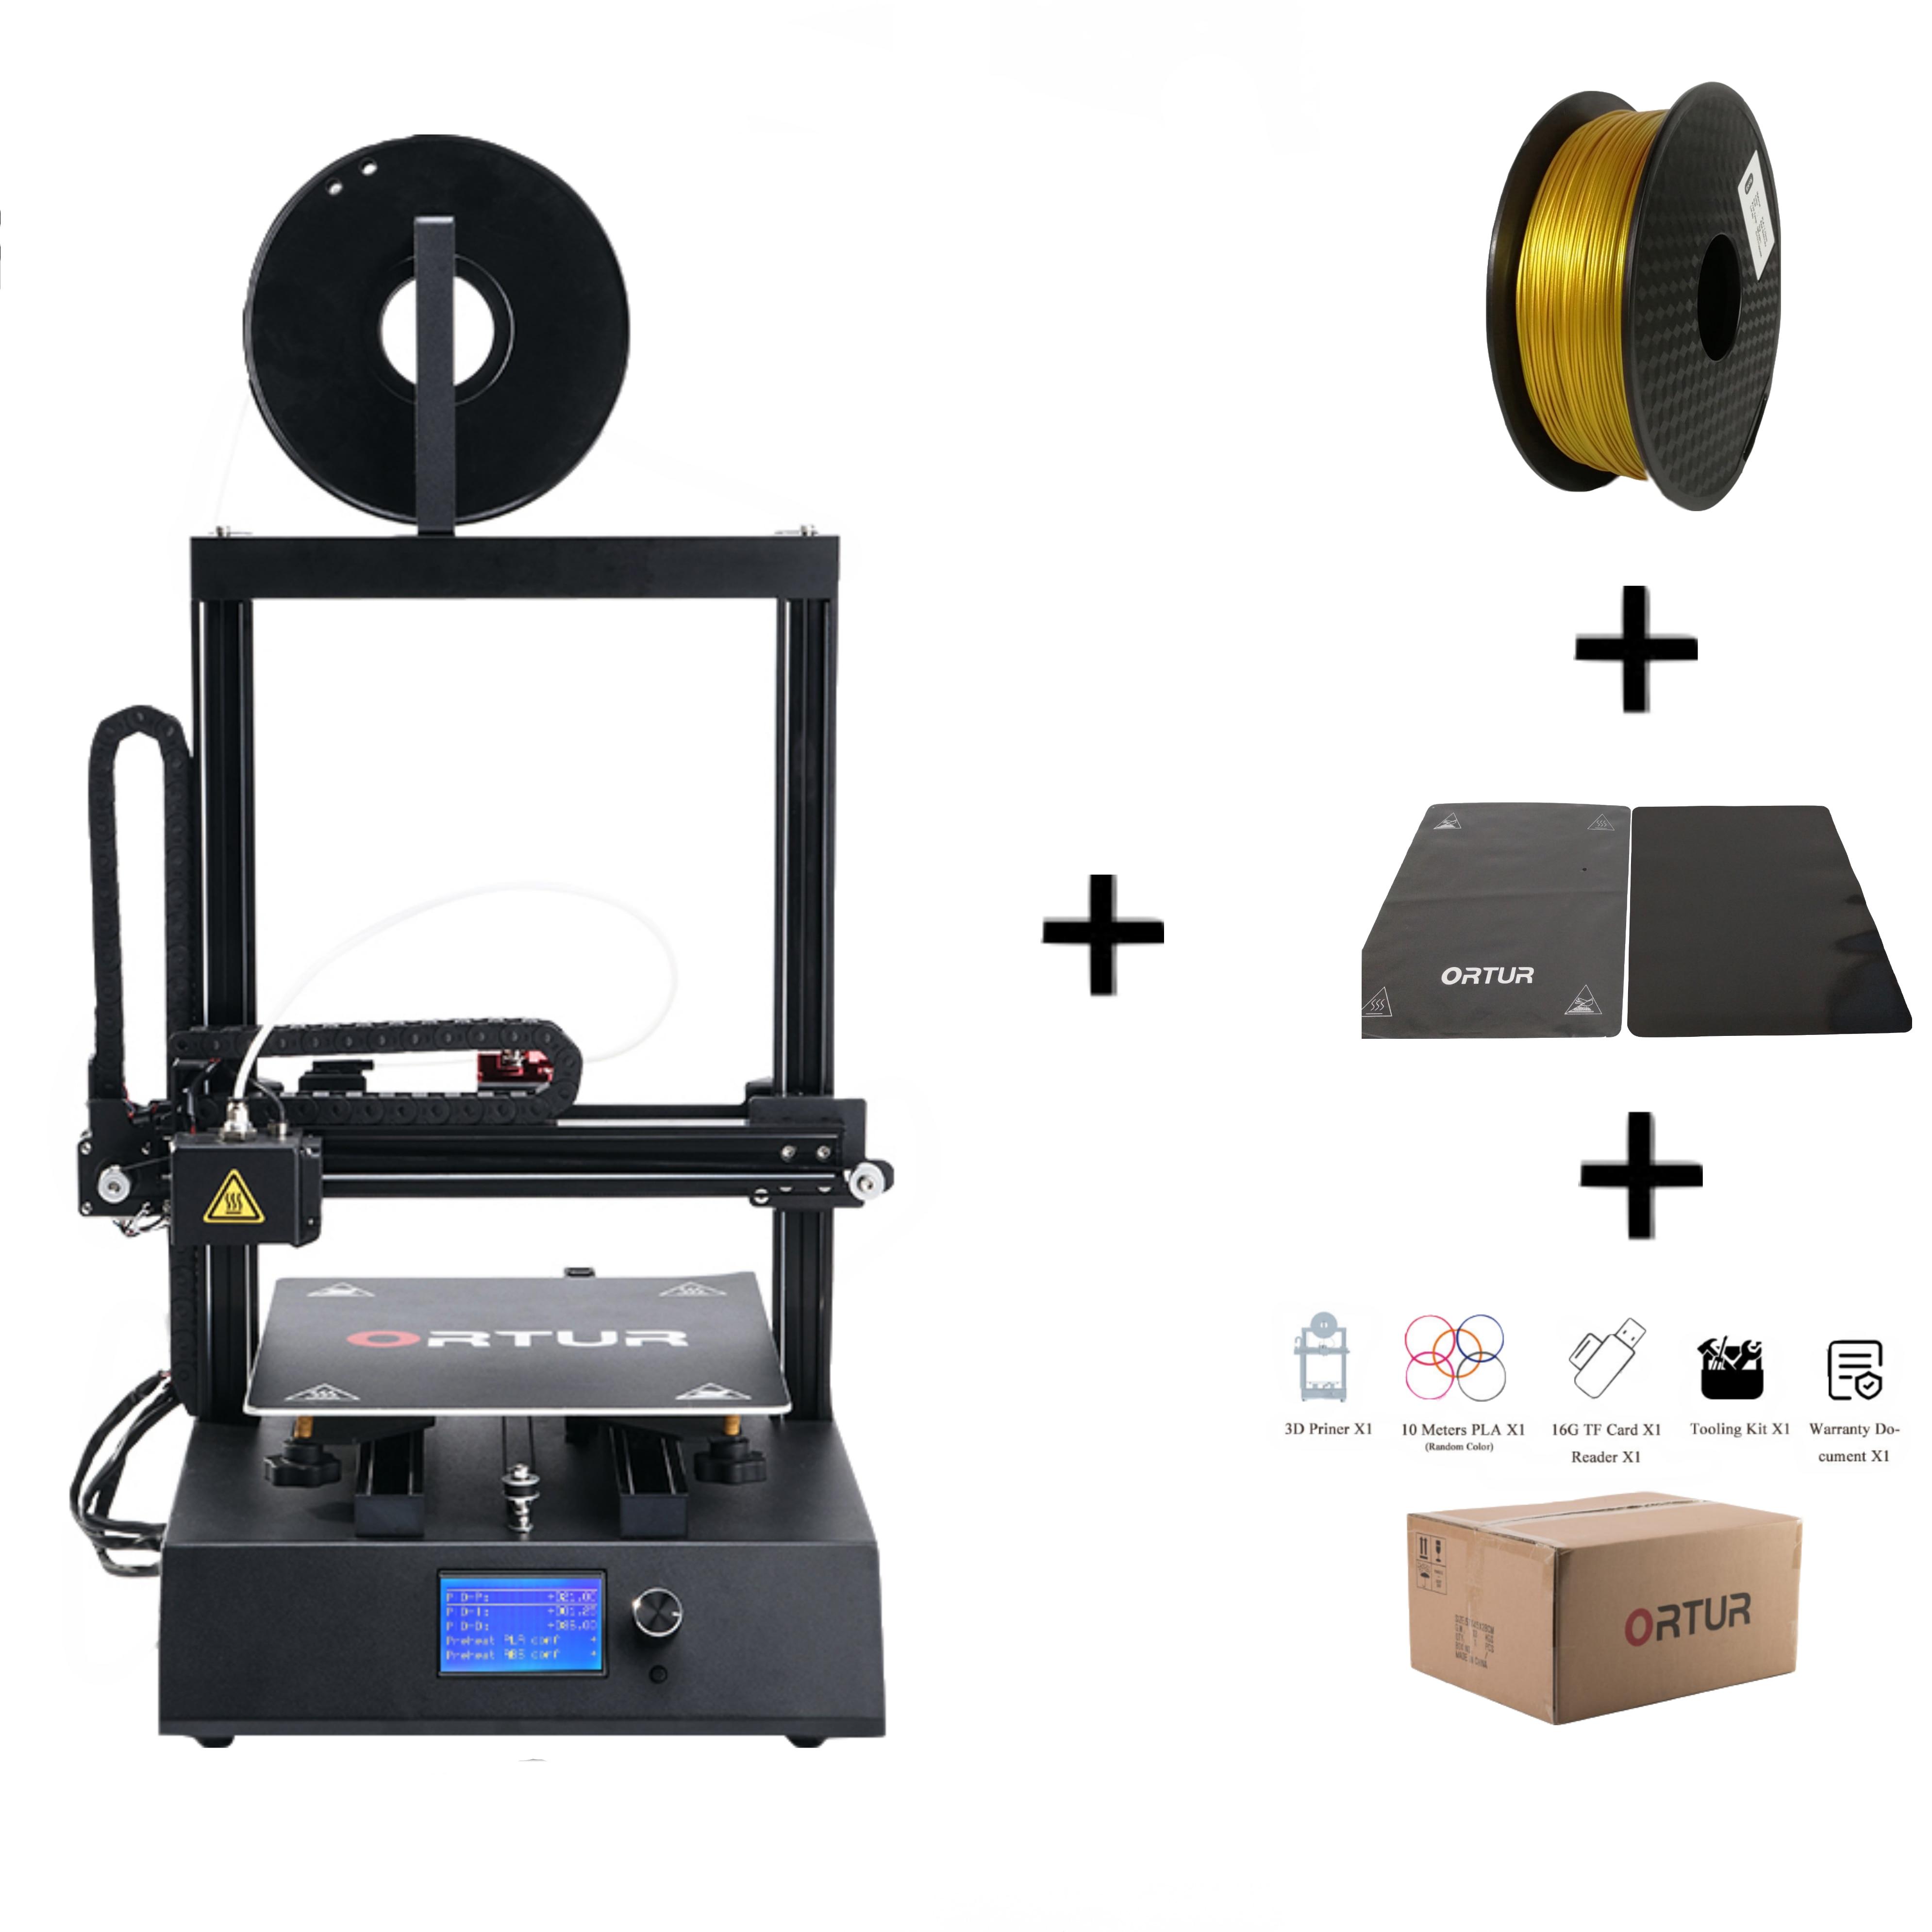 China Mais Novo Ortur 3D Impressora Impressora Dual-eixo Linear Trilho de Guia 3D Removível Chapa De Aço Carbono De Retomar o Poder Falha impressão